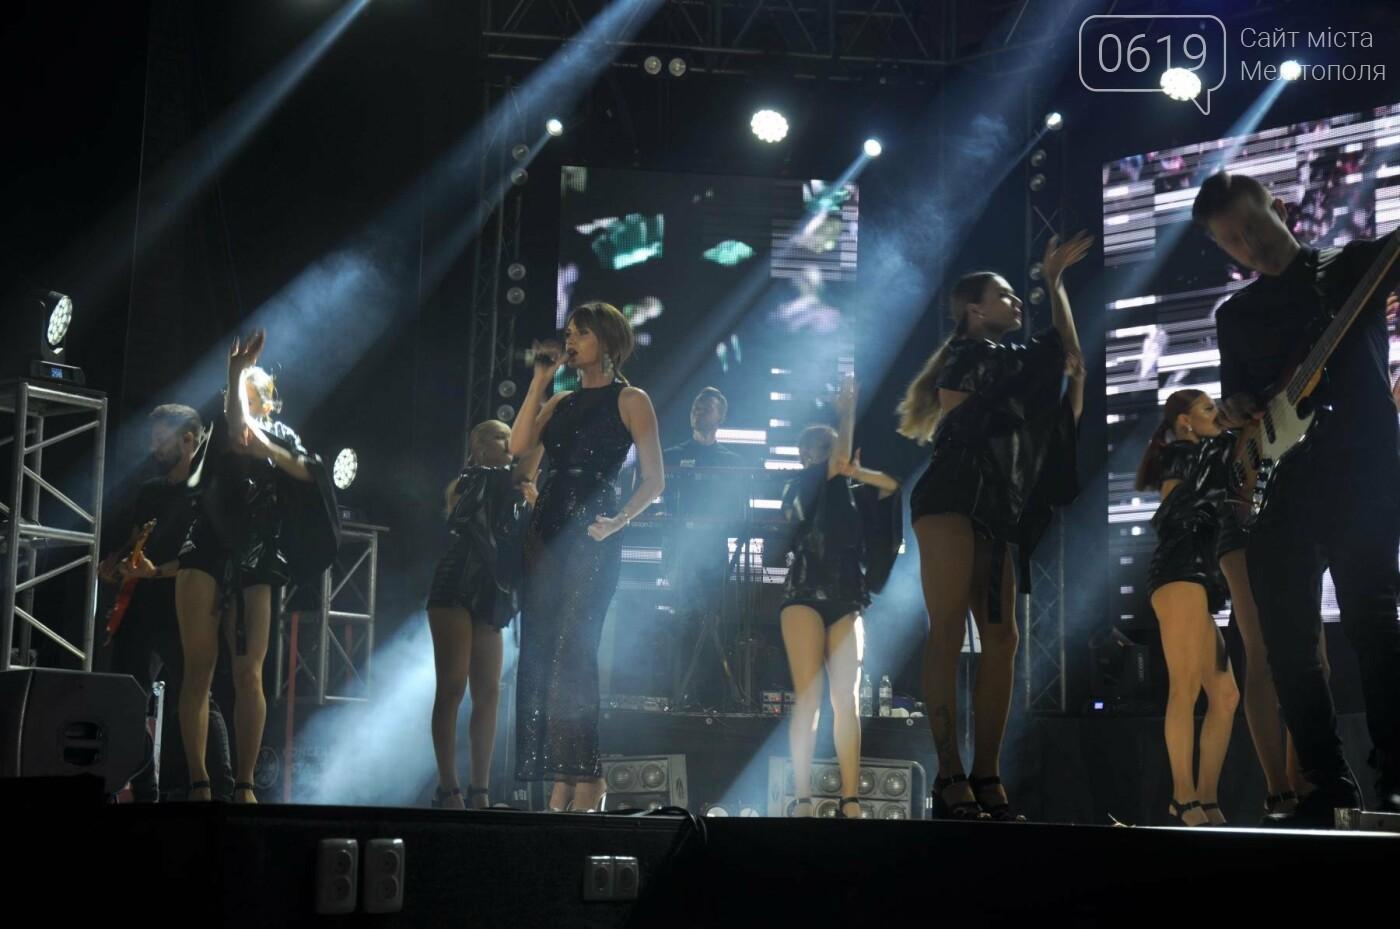 """В Мелитополе состоялся концерт группы """"НеАнгелы"""". Фоторепортаж , фото-15"""